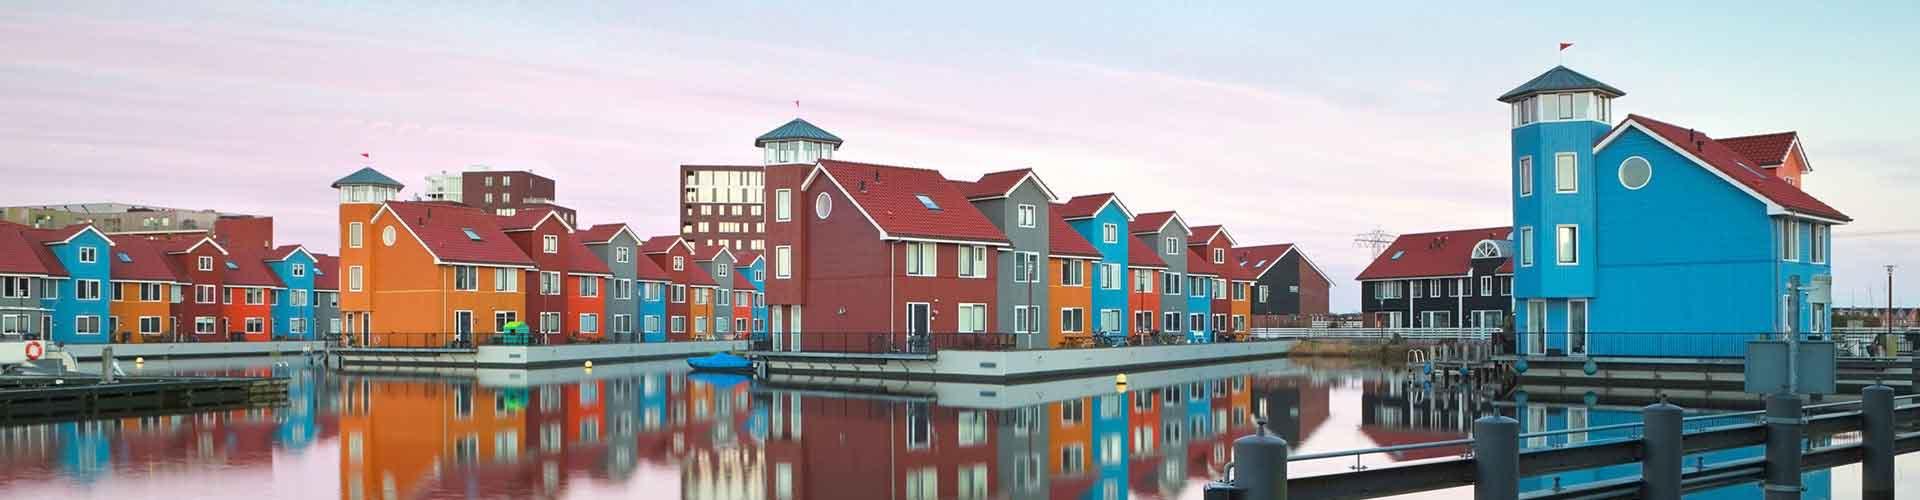 フローニンゲン – 部屋 フローニンゲン. 地図 フローニンゲン, すべてのホステルの写真とレビュー フローニンゲン.